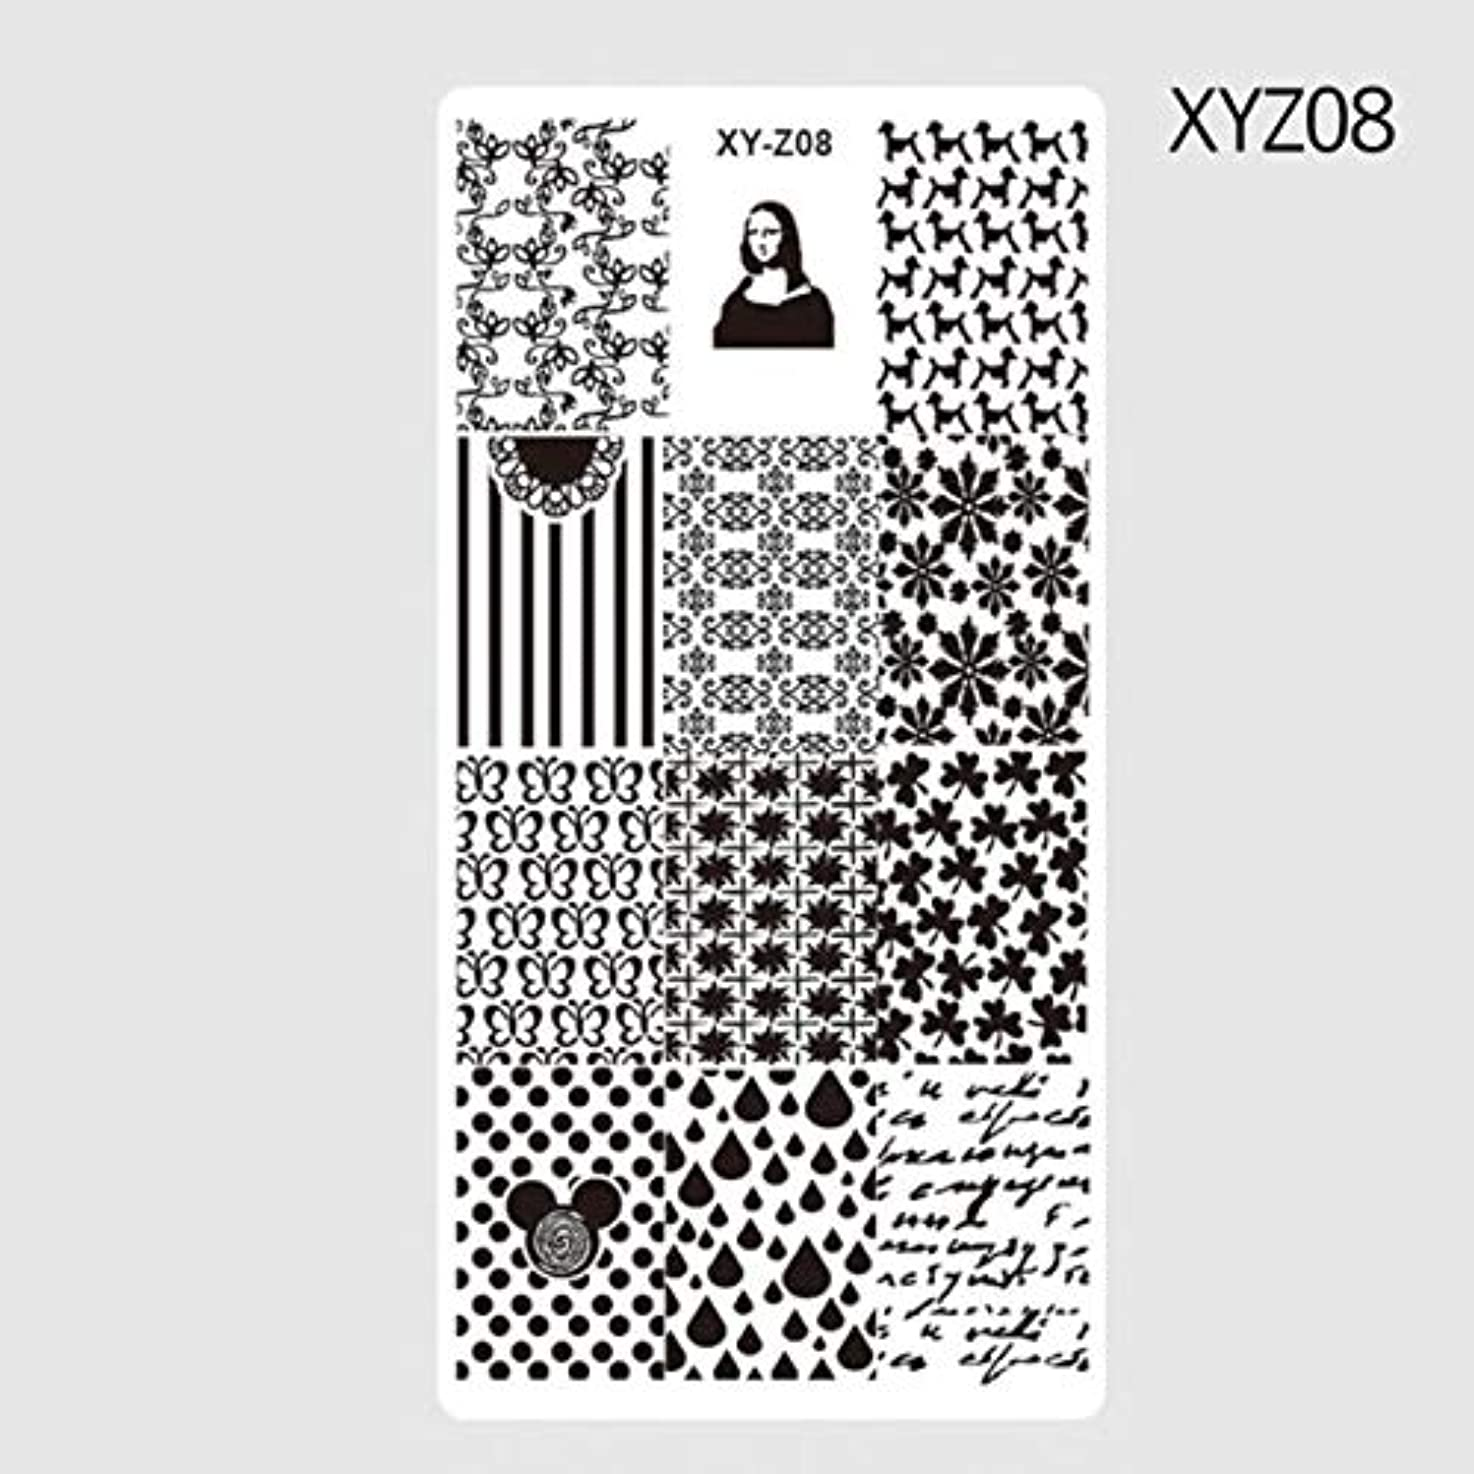 メキシコかもしれないまぶしさCELINEZL CELINEZL 3 PCS長方形ネイルスタンピングテンプレート風車の花のパターンDIYネイルデザイン(XYZ01) (色 : XYZ08)